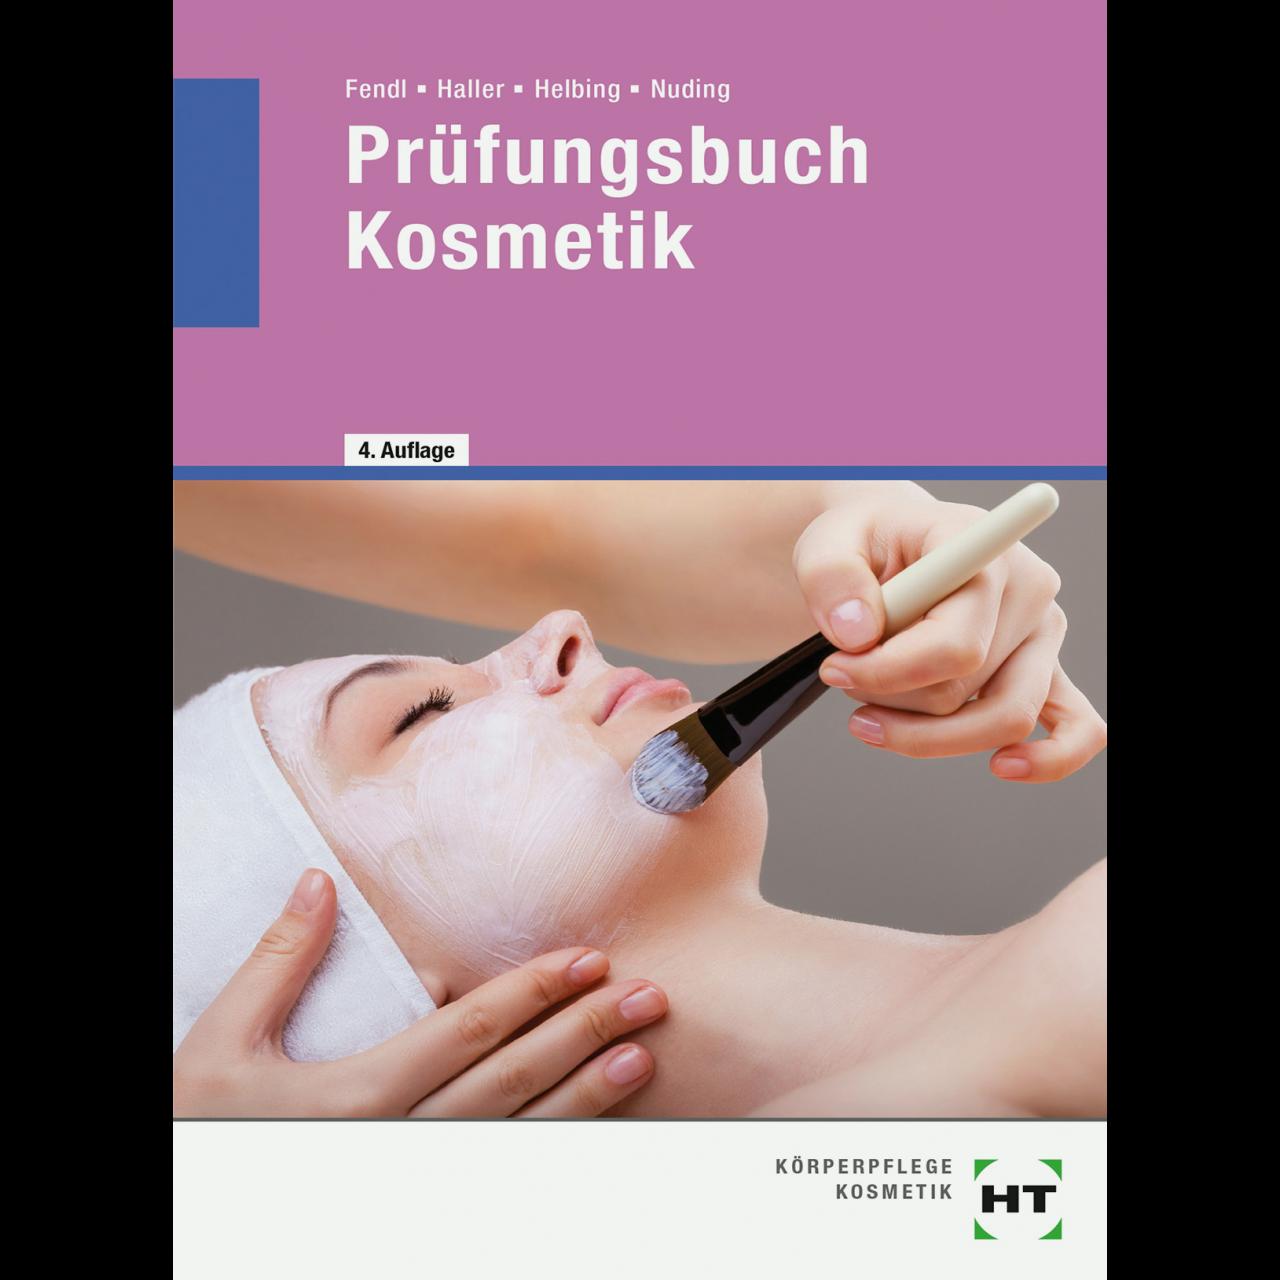 Prüfungsbuch Kosmetik 513 Seiten